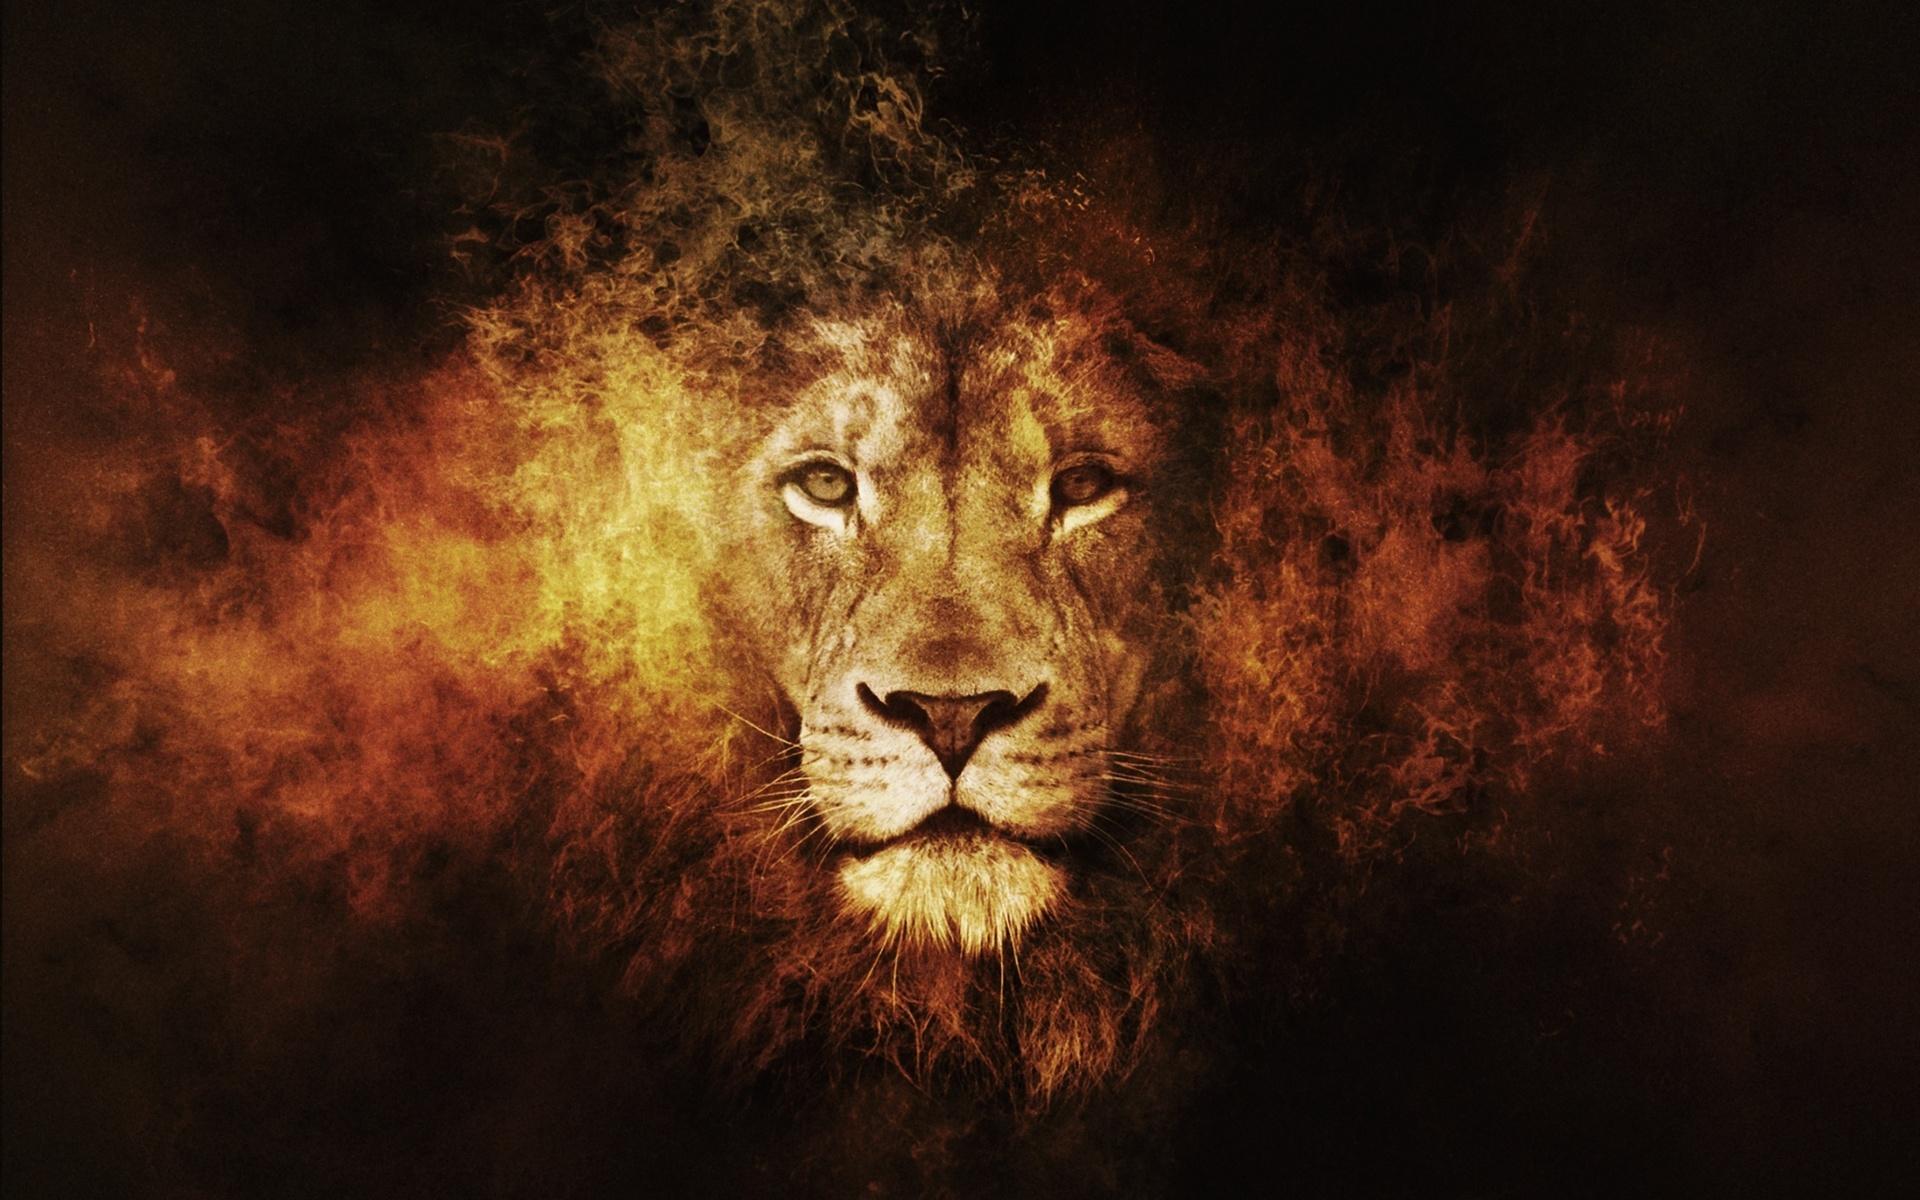 Картинка крутые лев, выходной картинка анимация